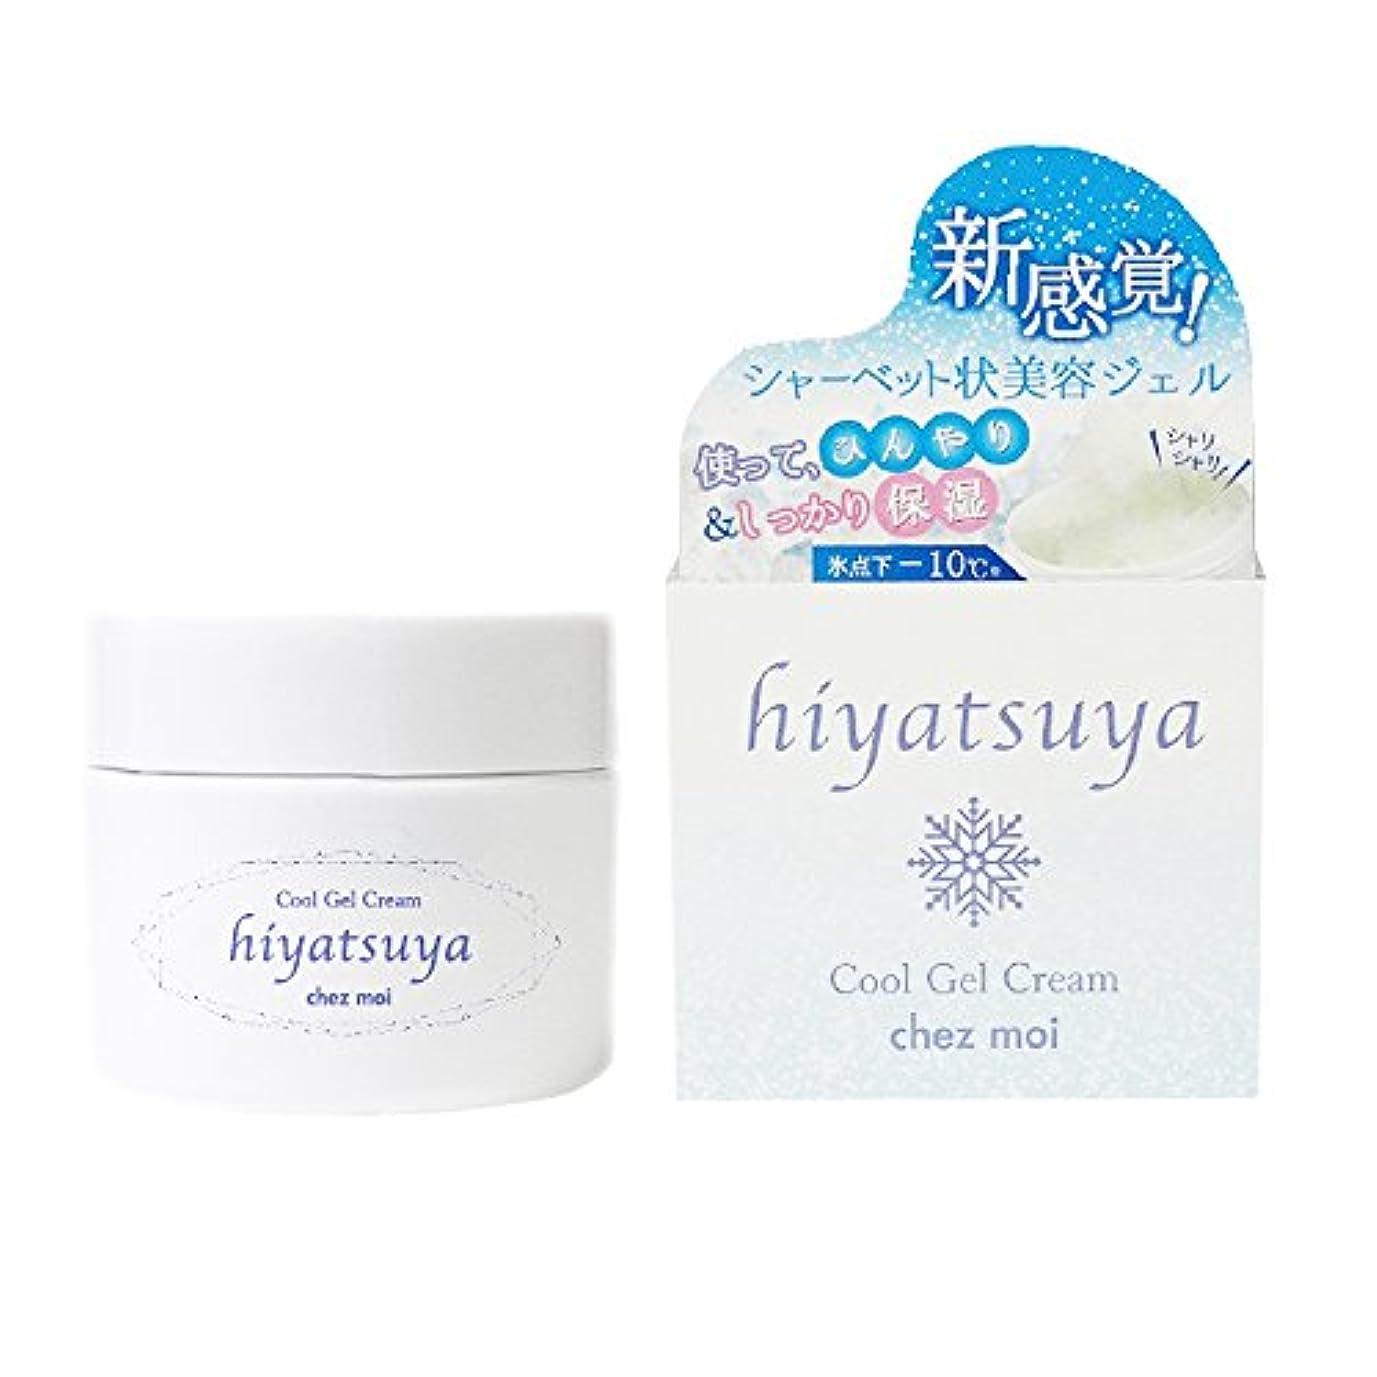 熟読測定可能のシェモア hiyatsuya(ヒヤツヤ) cool gel cream 70g